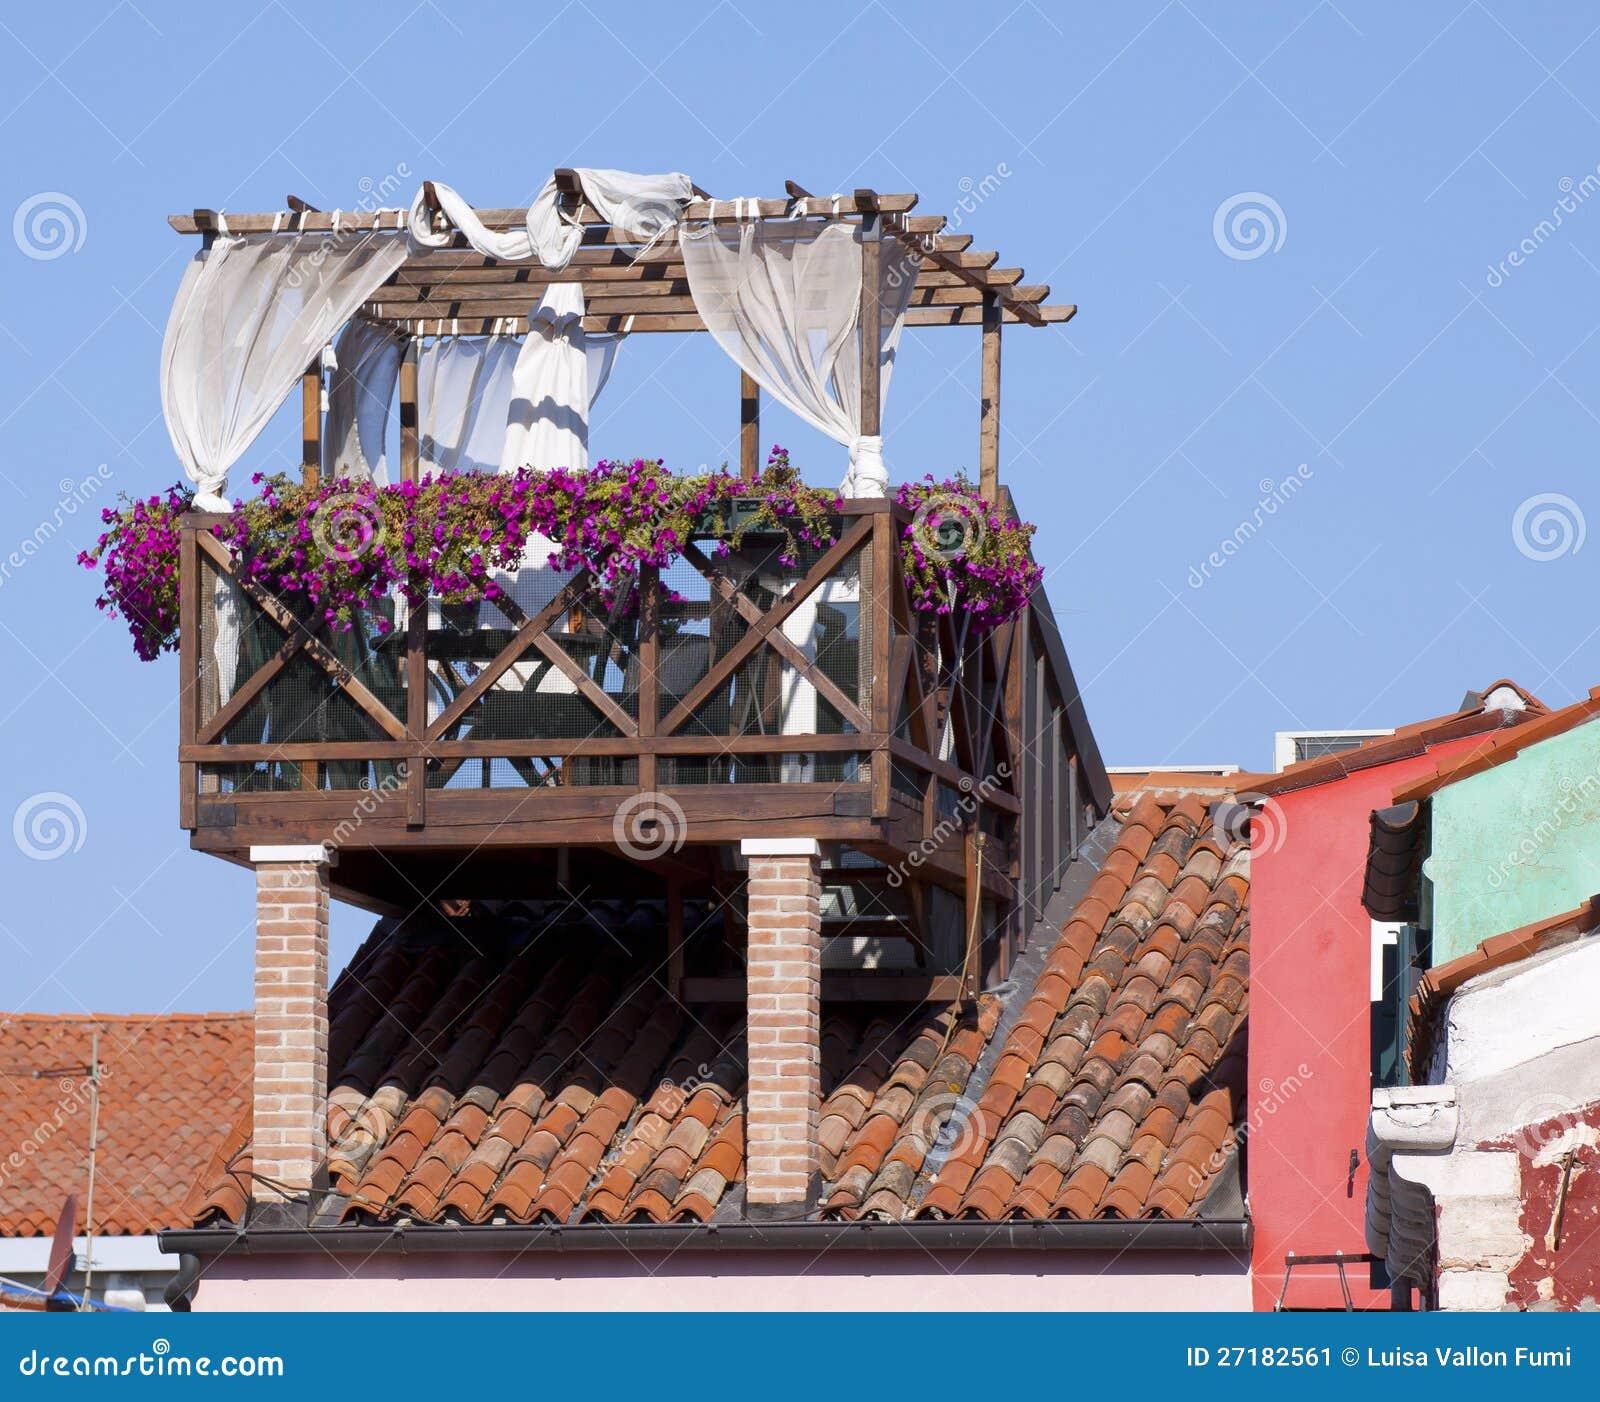 venedig terrasse auf dem dach stockbild bild von outdoor trennvorhang 27182561. Black Bedroom Furniture Sets. Home Design Ideas